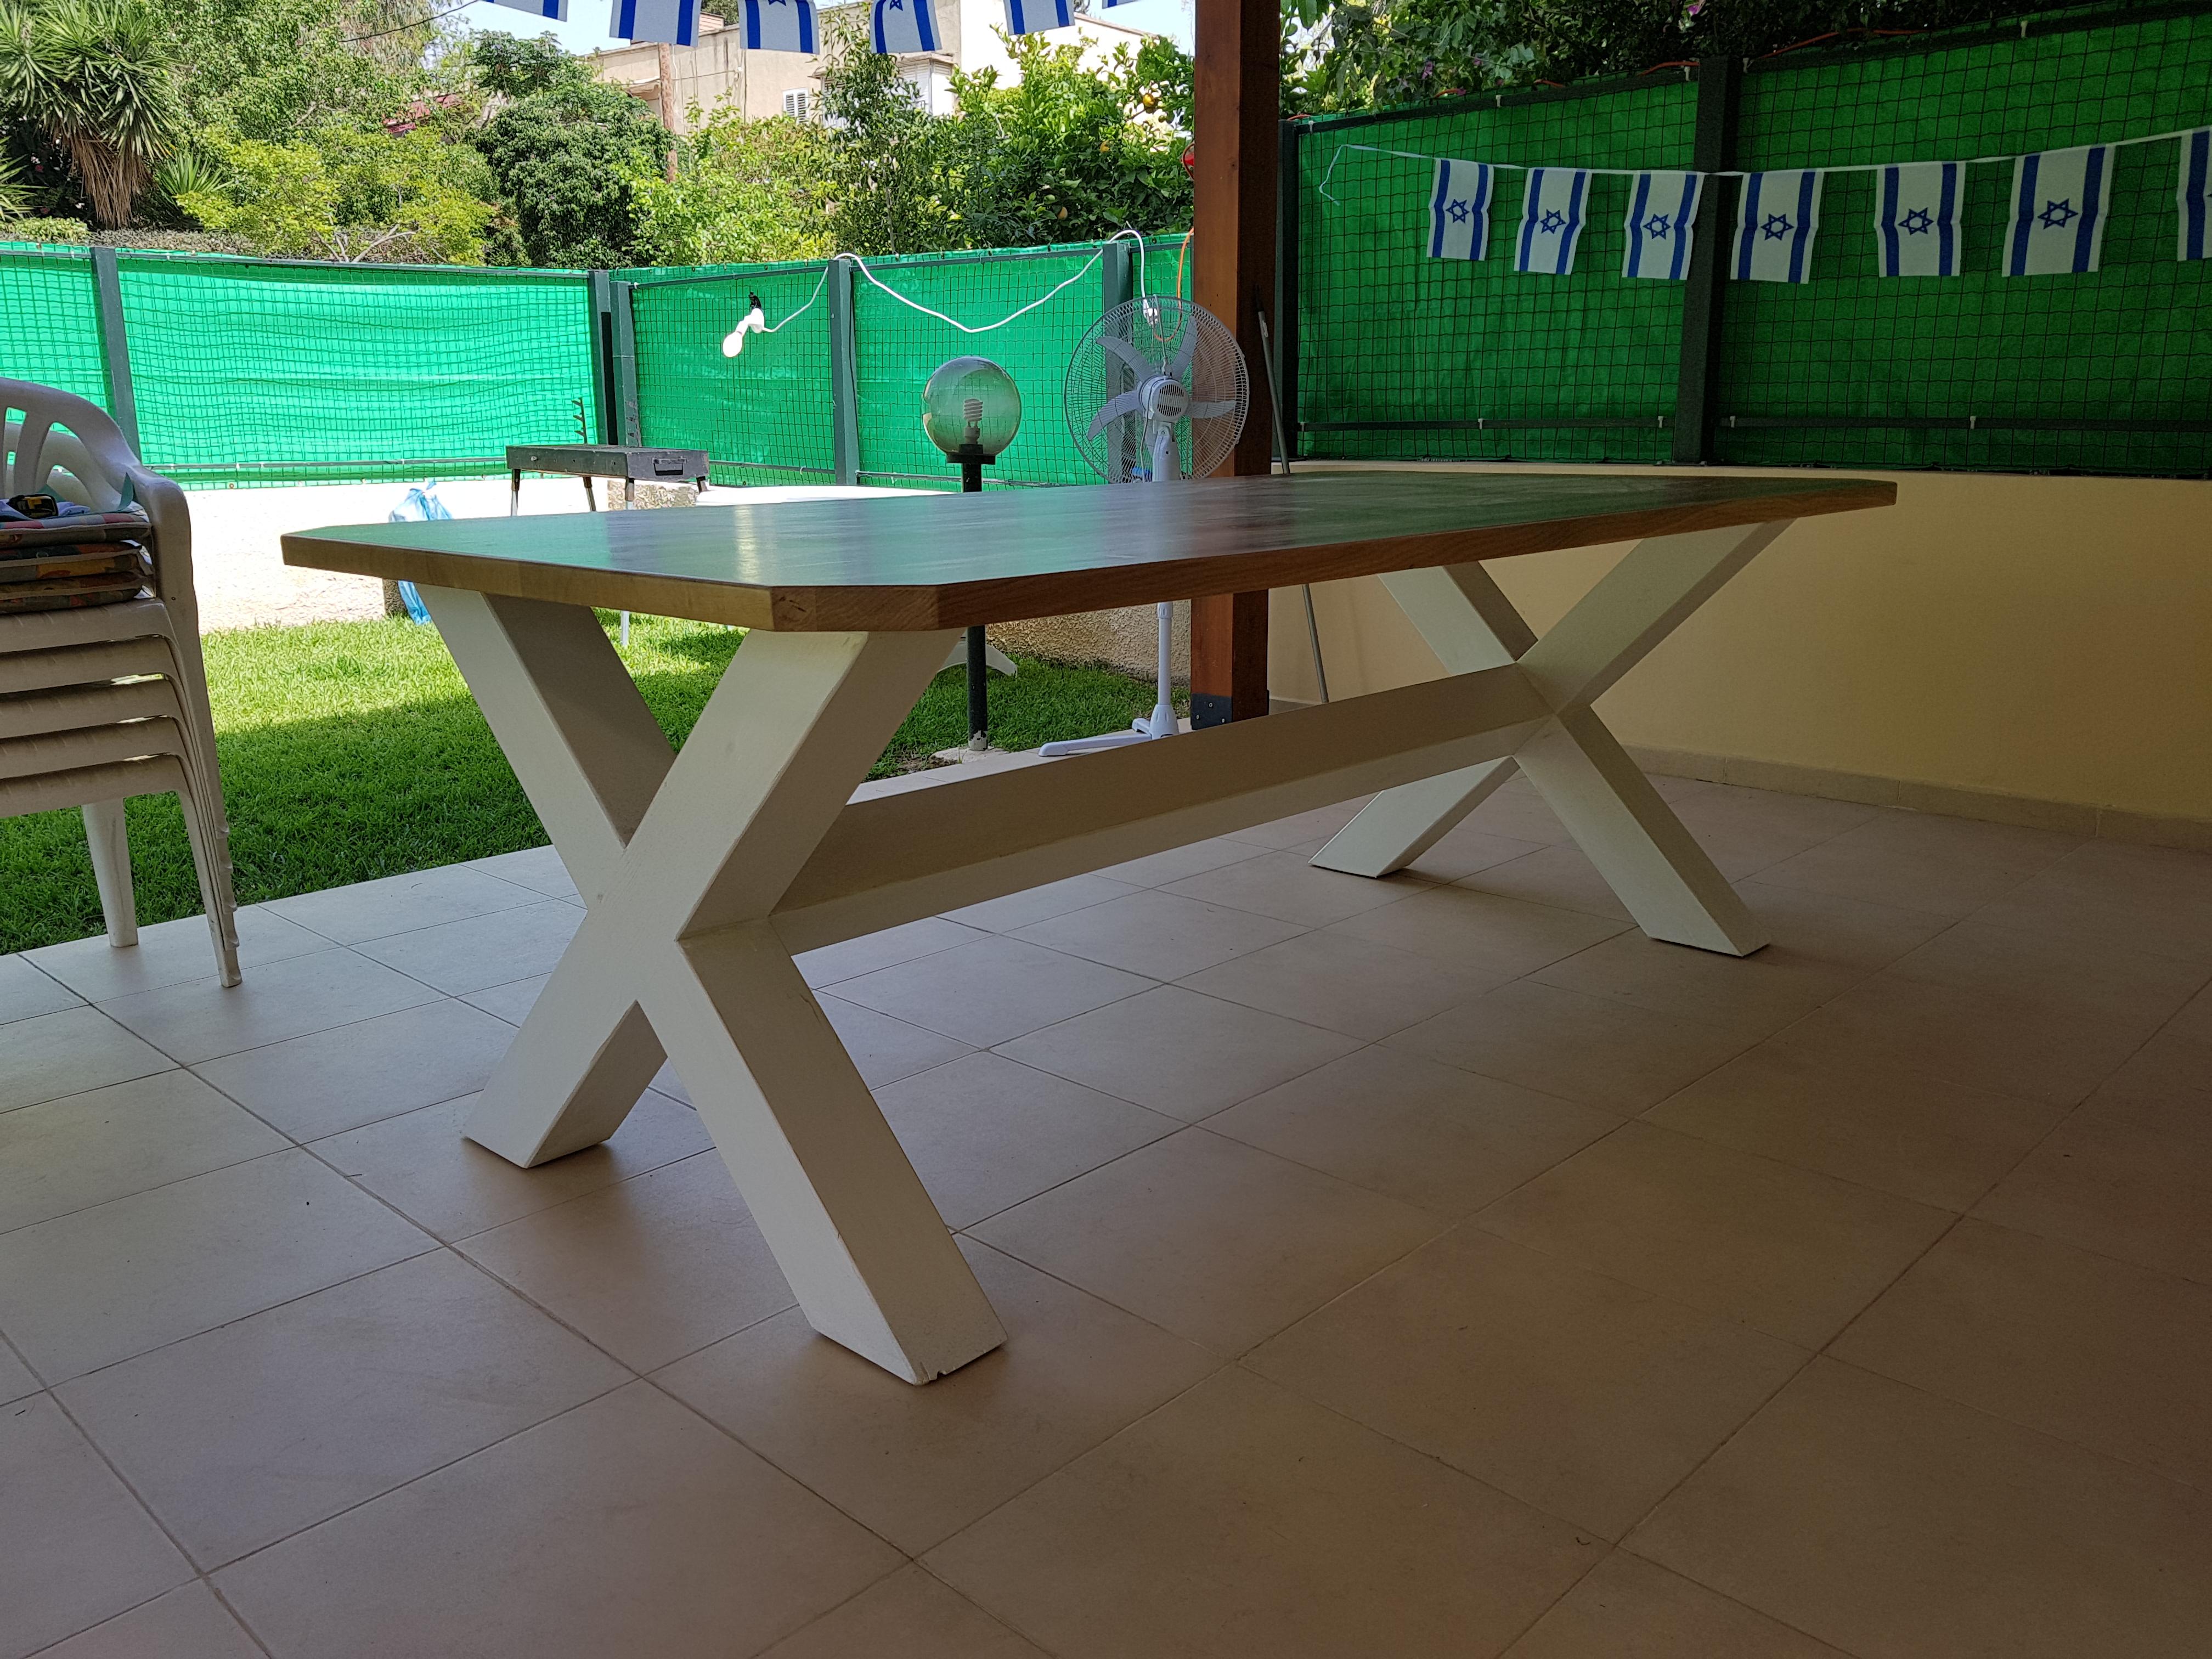 שולחן כפרי משולב רגלי אקס ופלטה אלון